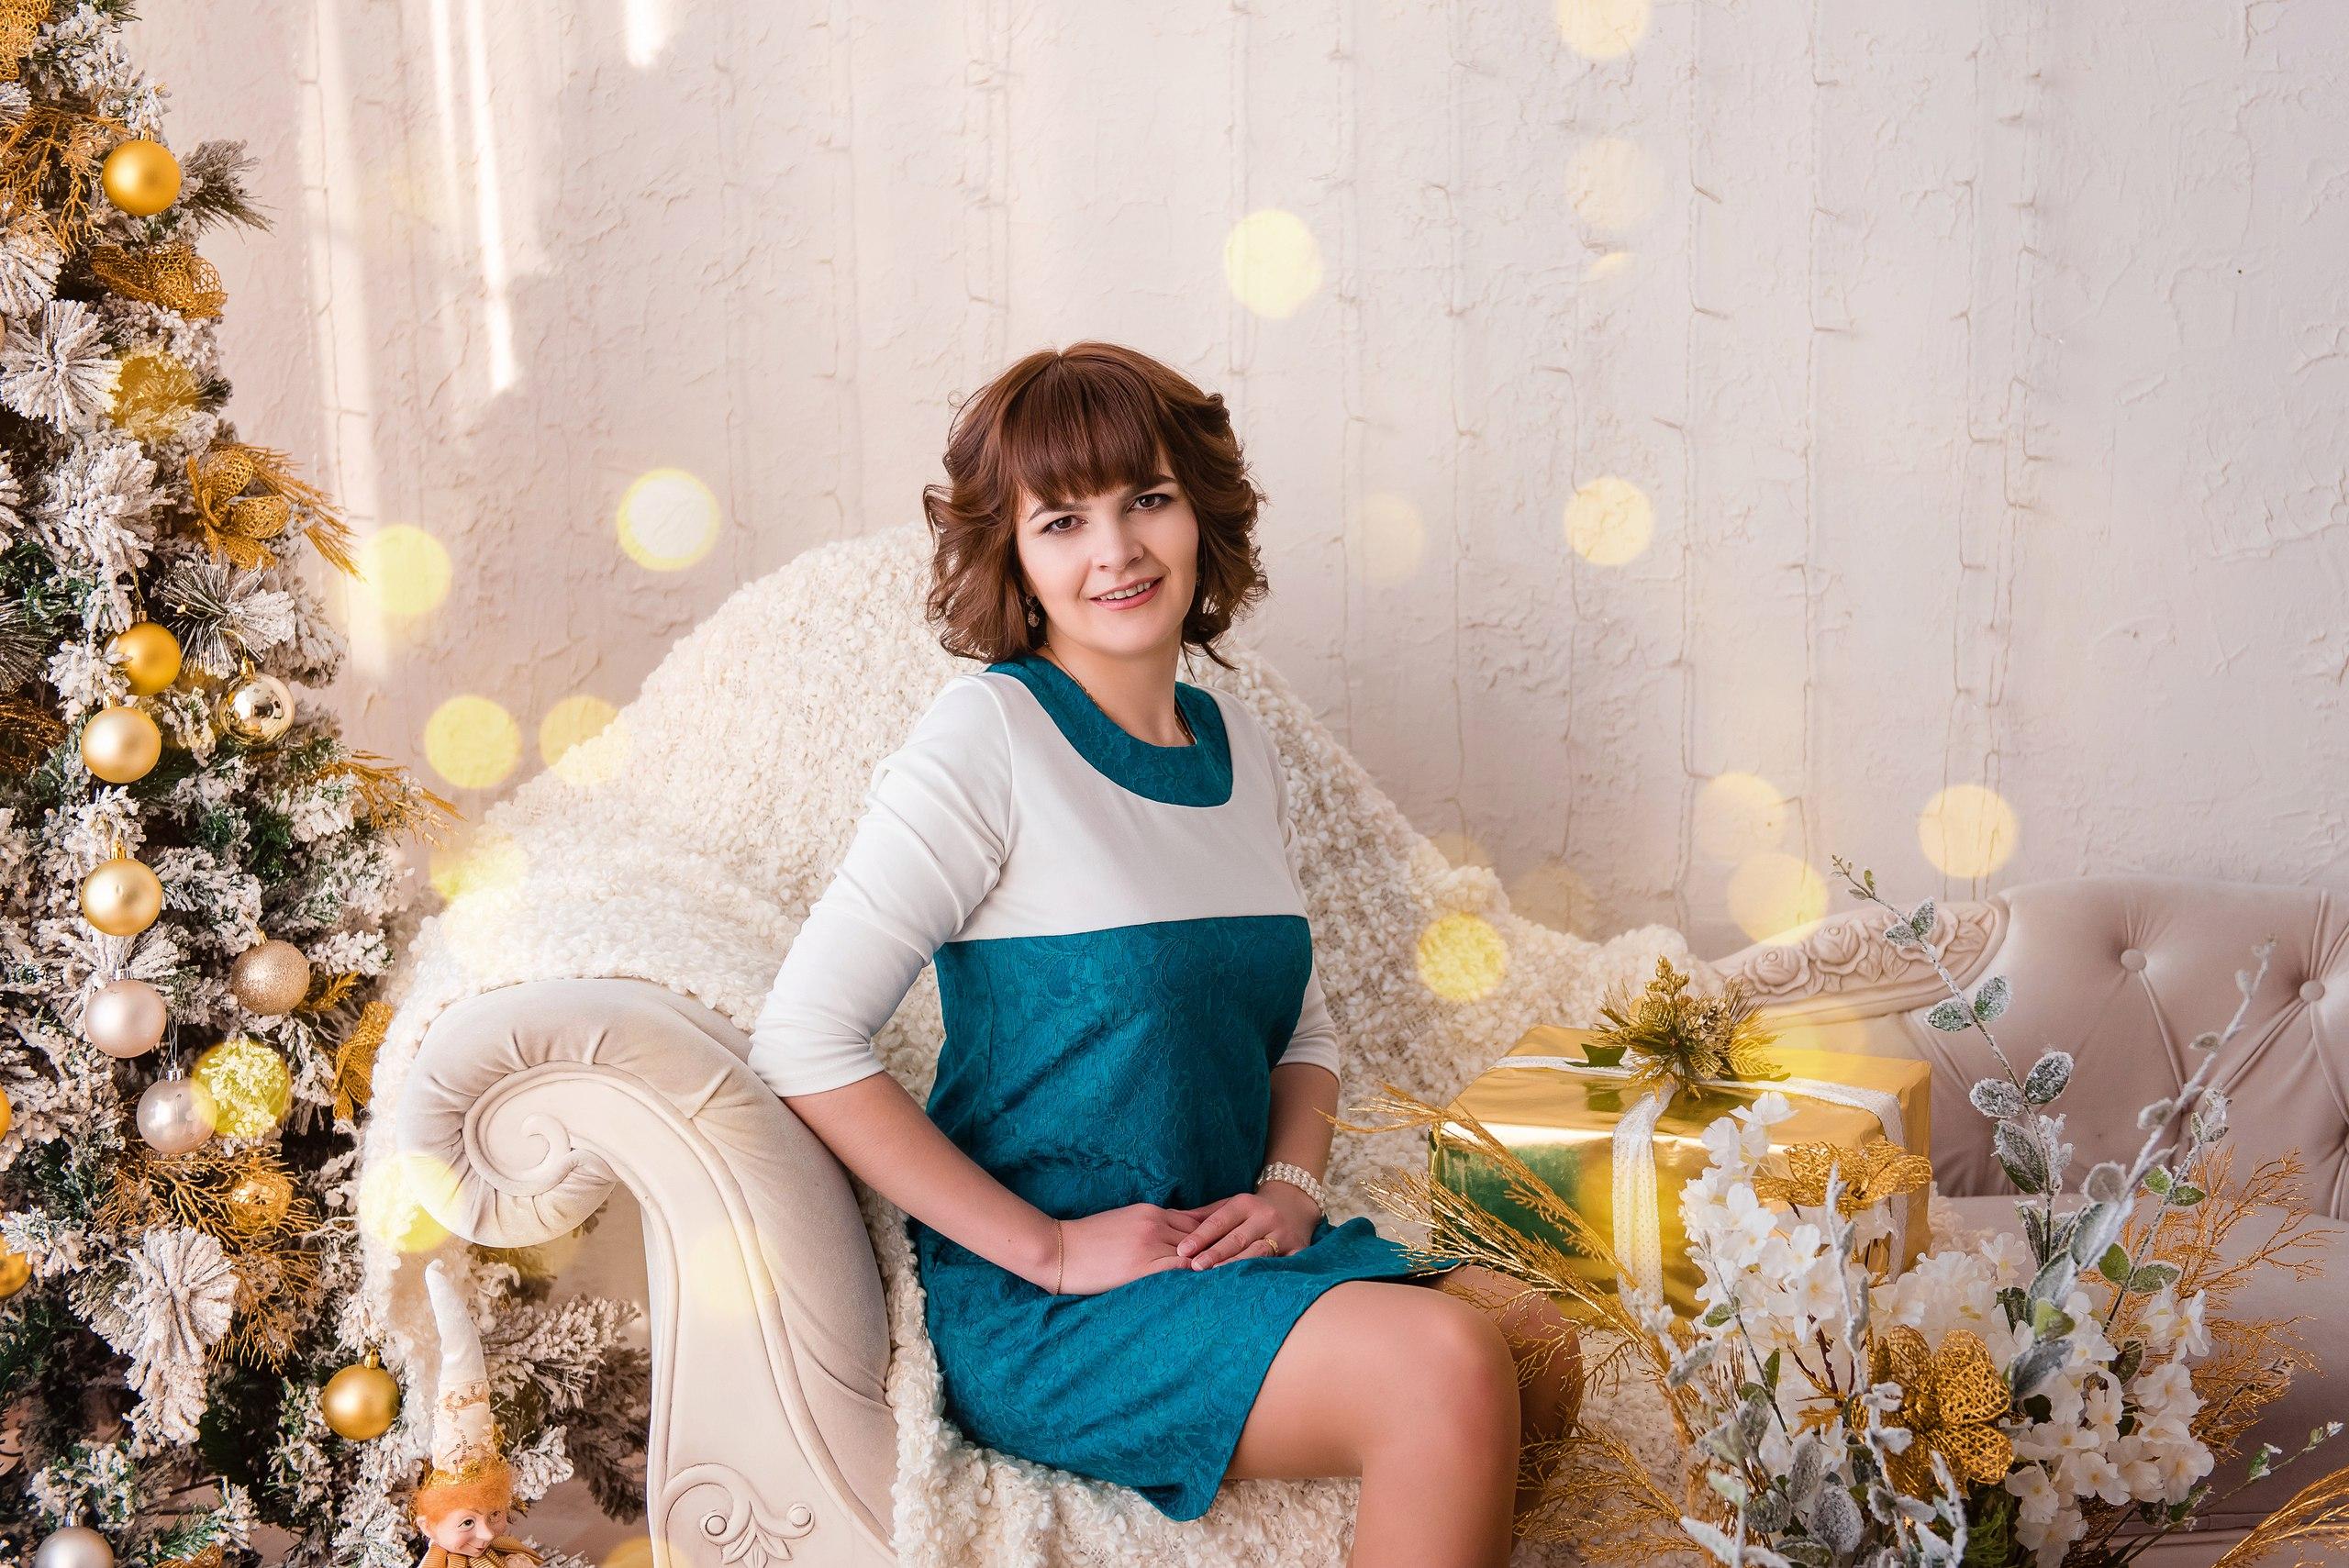 Светлана  Петрова (г.Чебоксары):